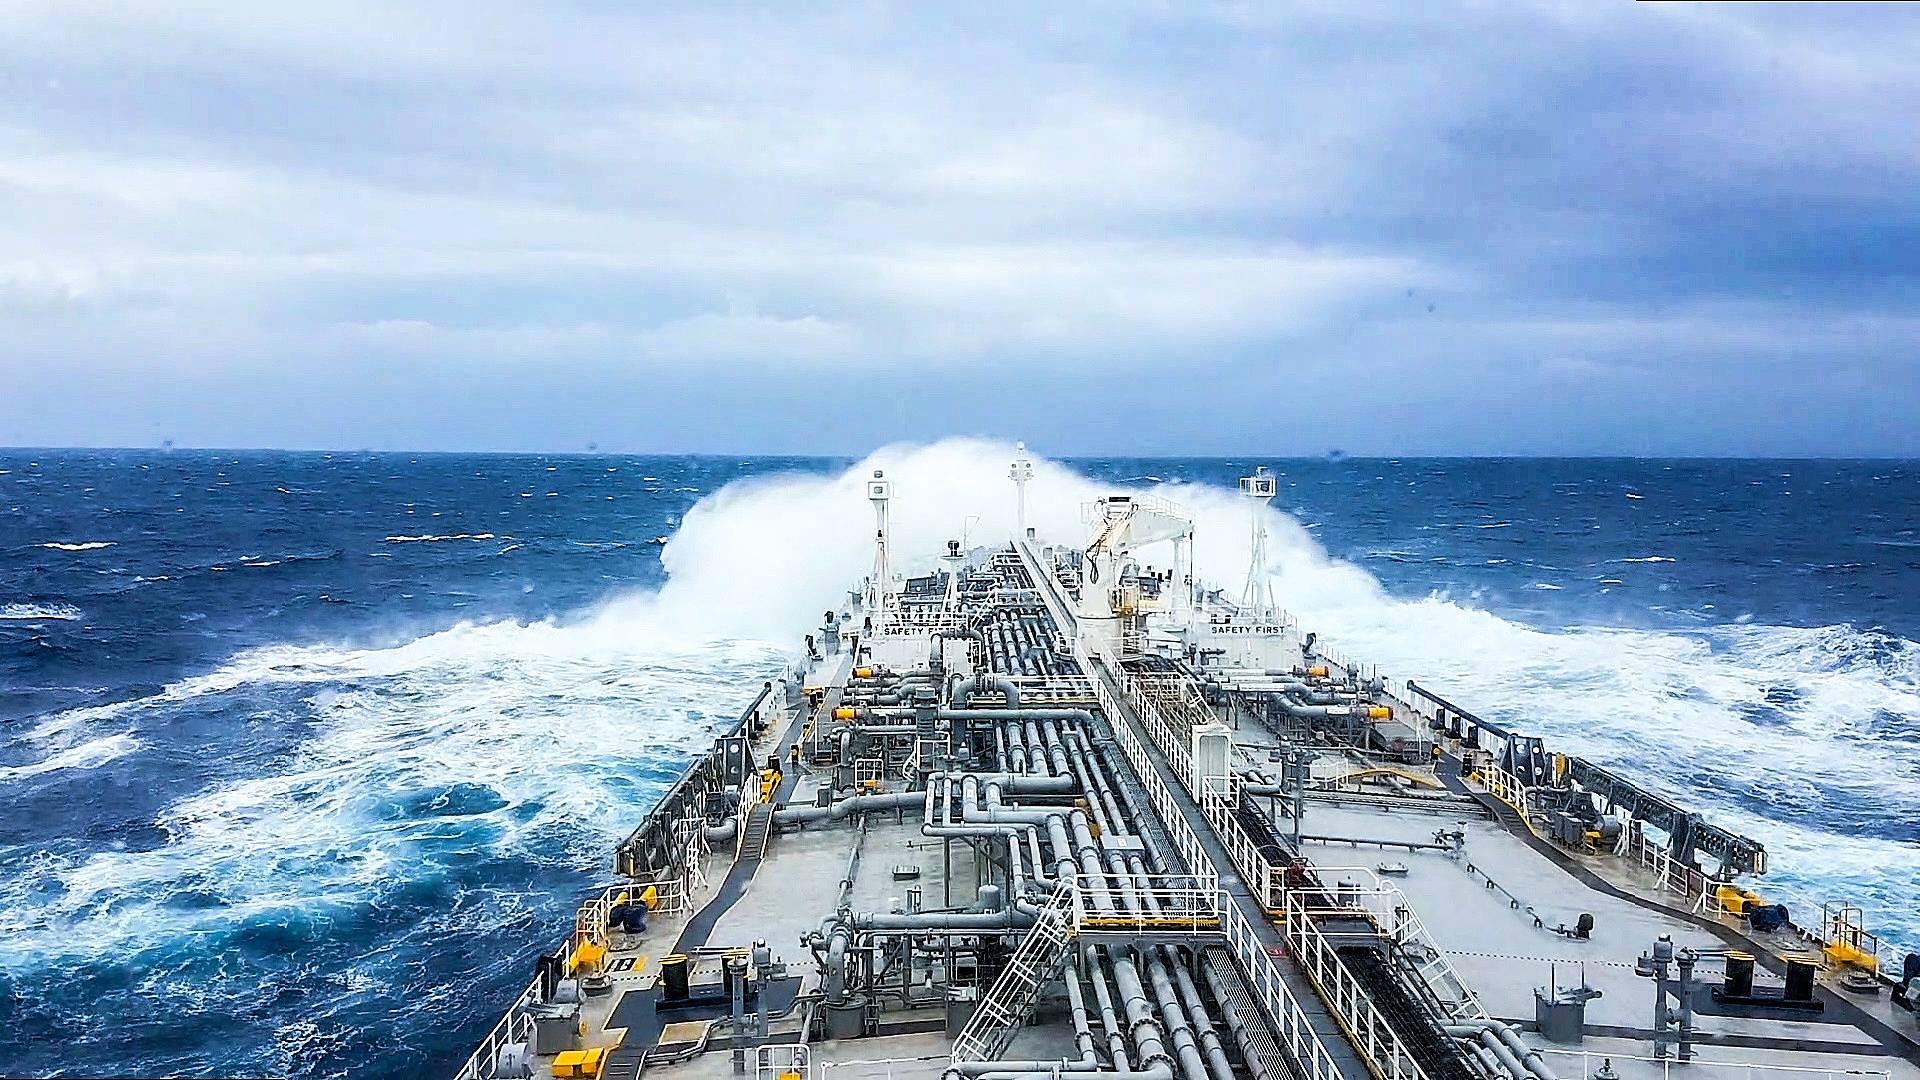 Kάπου στον Ειρηνικό… - e-Nautilia.gr   Το Ελληνικό Portal για την Ναυτιλία. Τελευταία νέα, άρθρα, Οπτικοακουστικό Υλικό